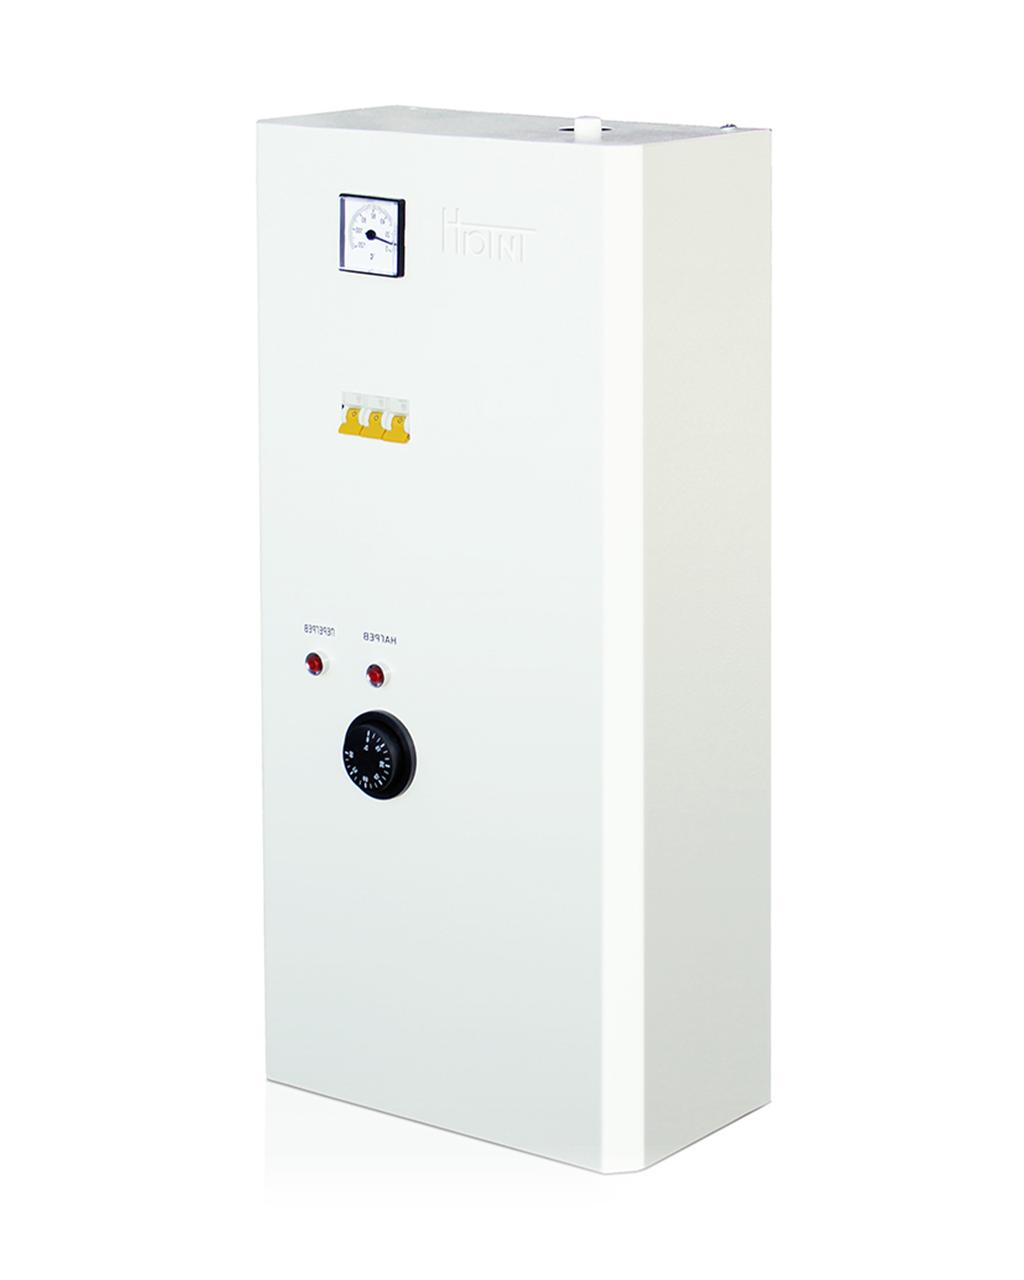 Електричний котел Титан Міні Настінний, 9 кВт 380 В